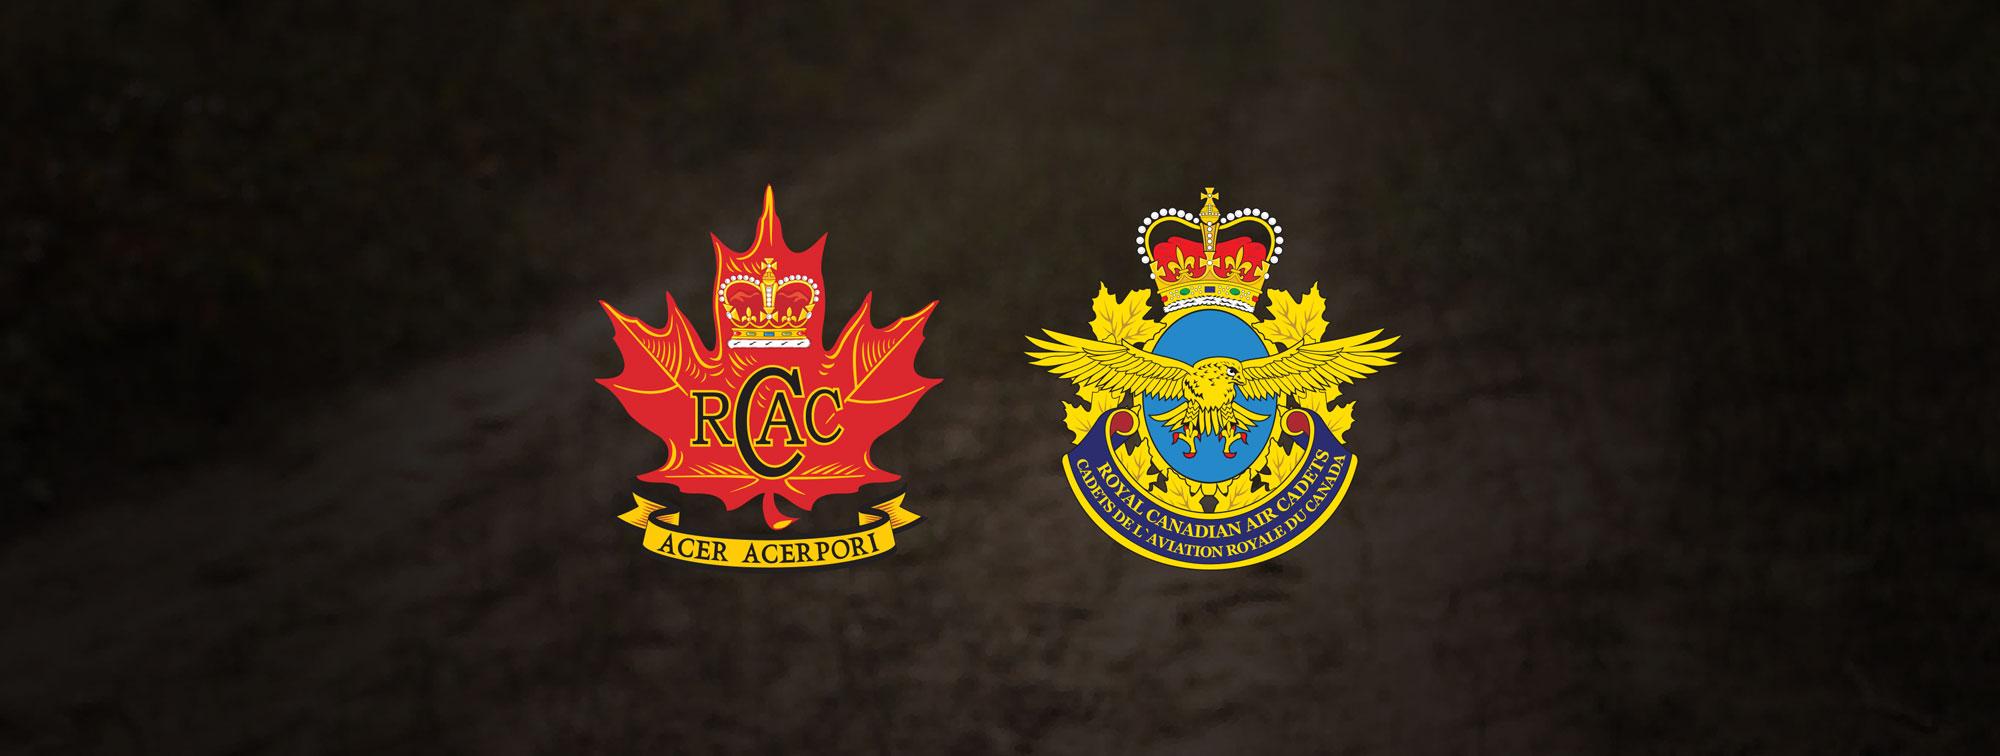 army&air